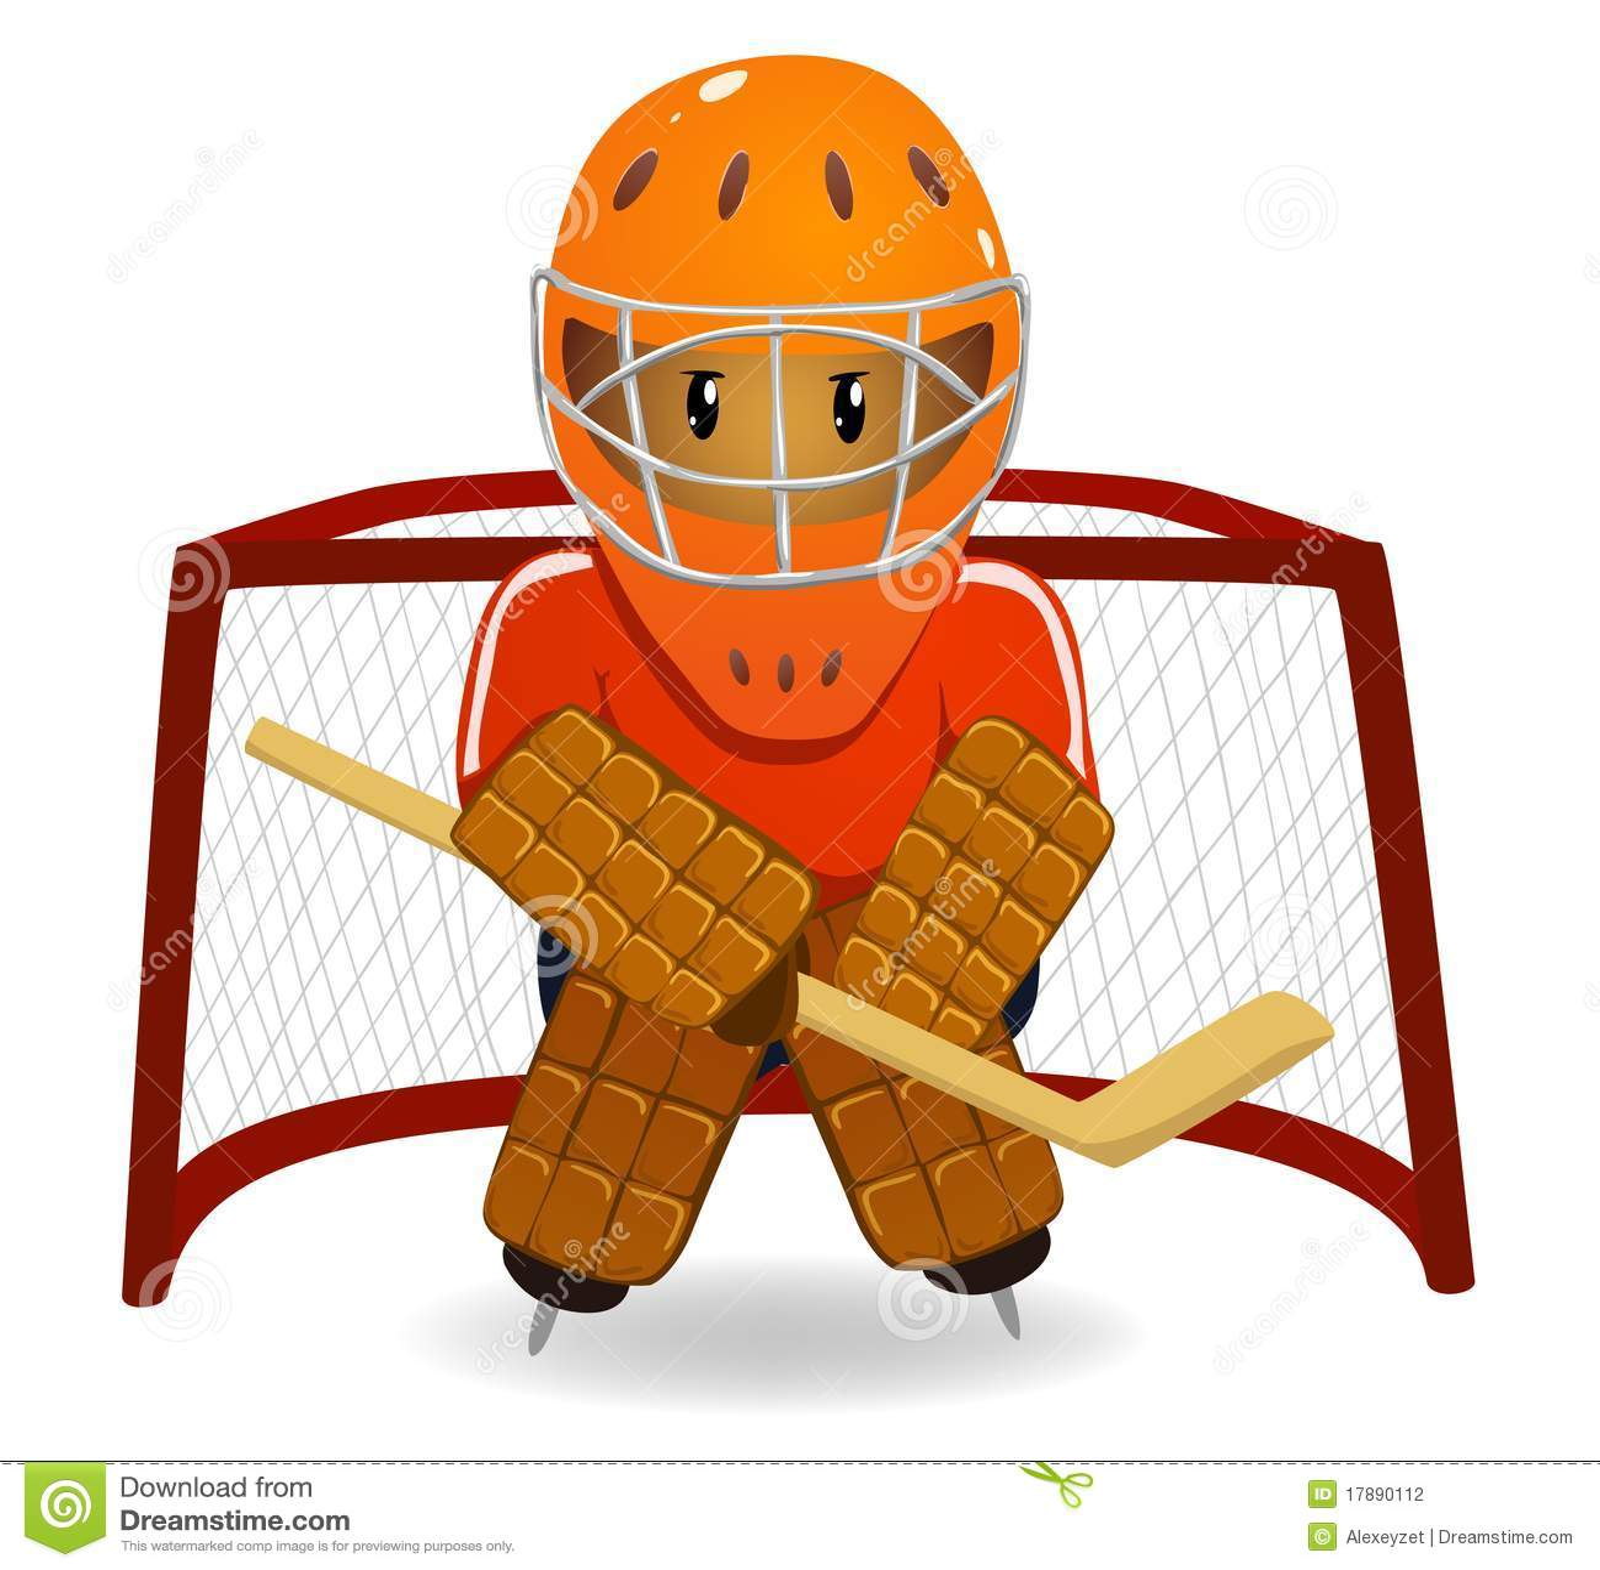 Cartoon Hockey Goalkeeper Stock Vector Illustration Of Glide 17890112